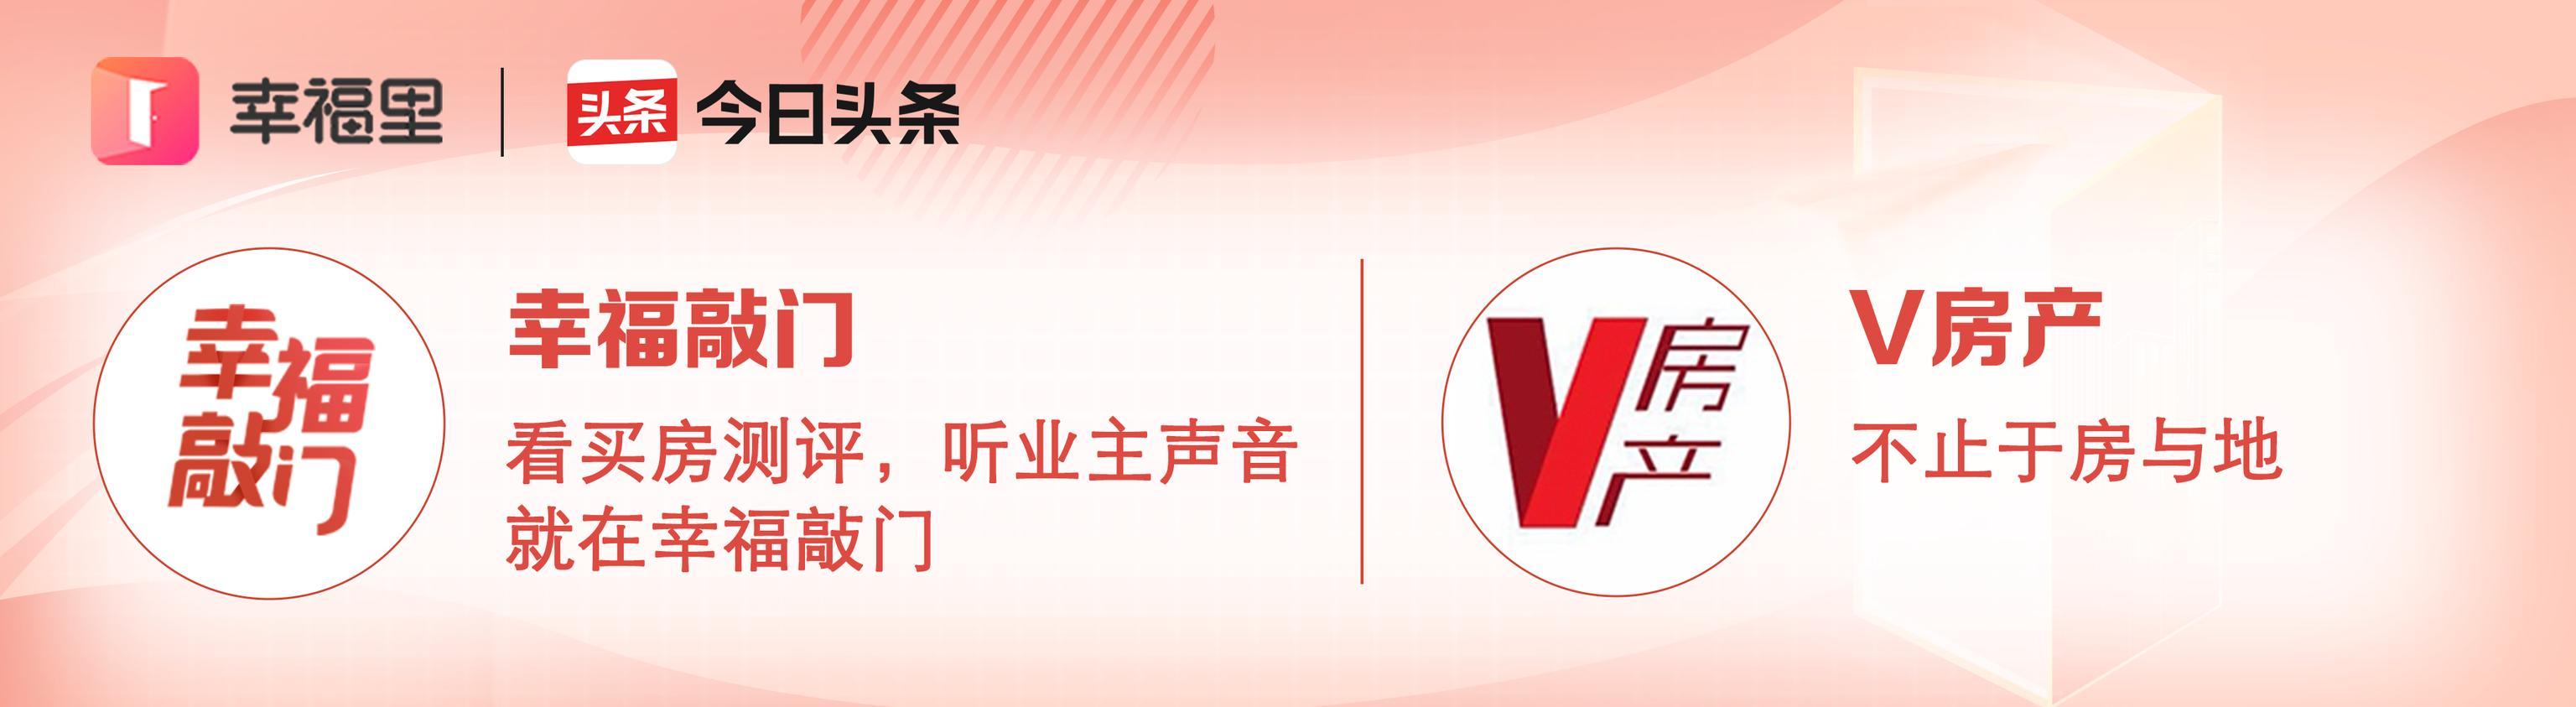 南京连夜出台楼市新政:30%以上房源支持刚需、遏制假离婚